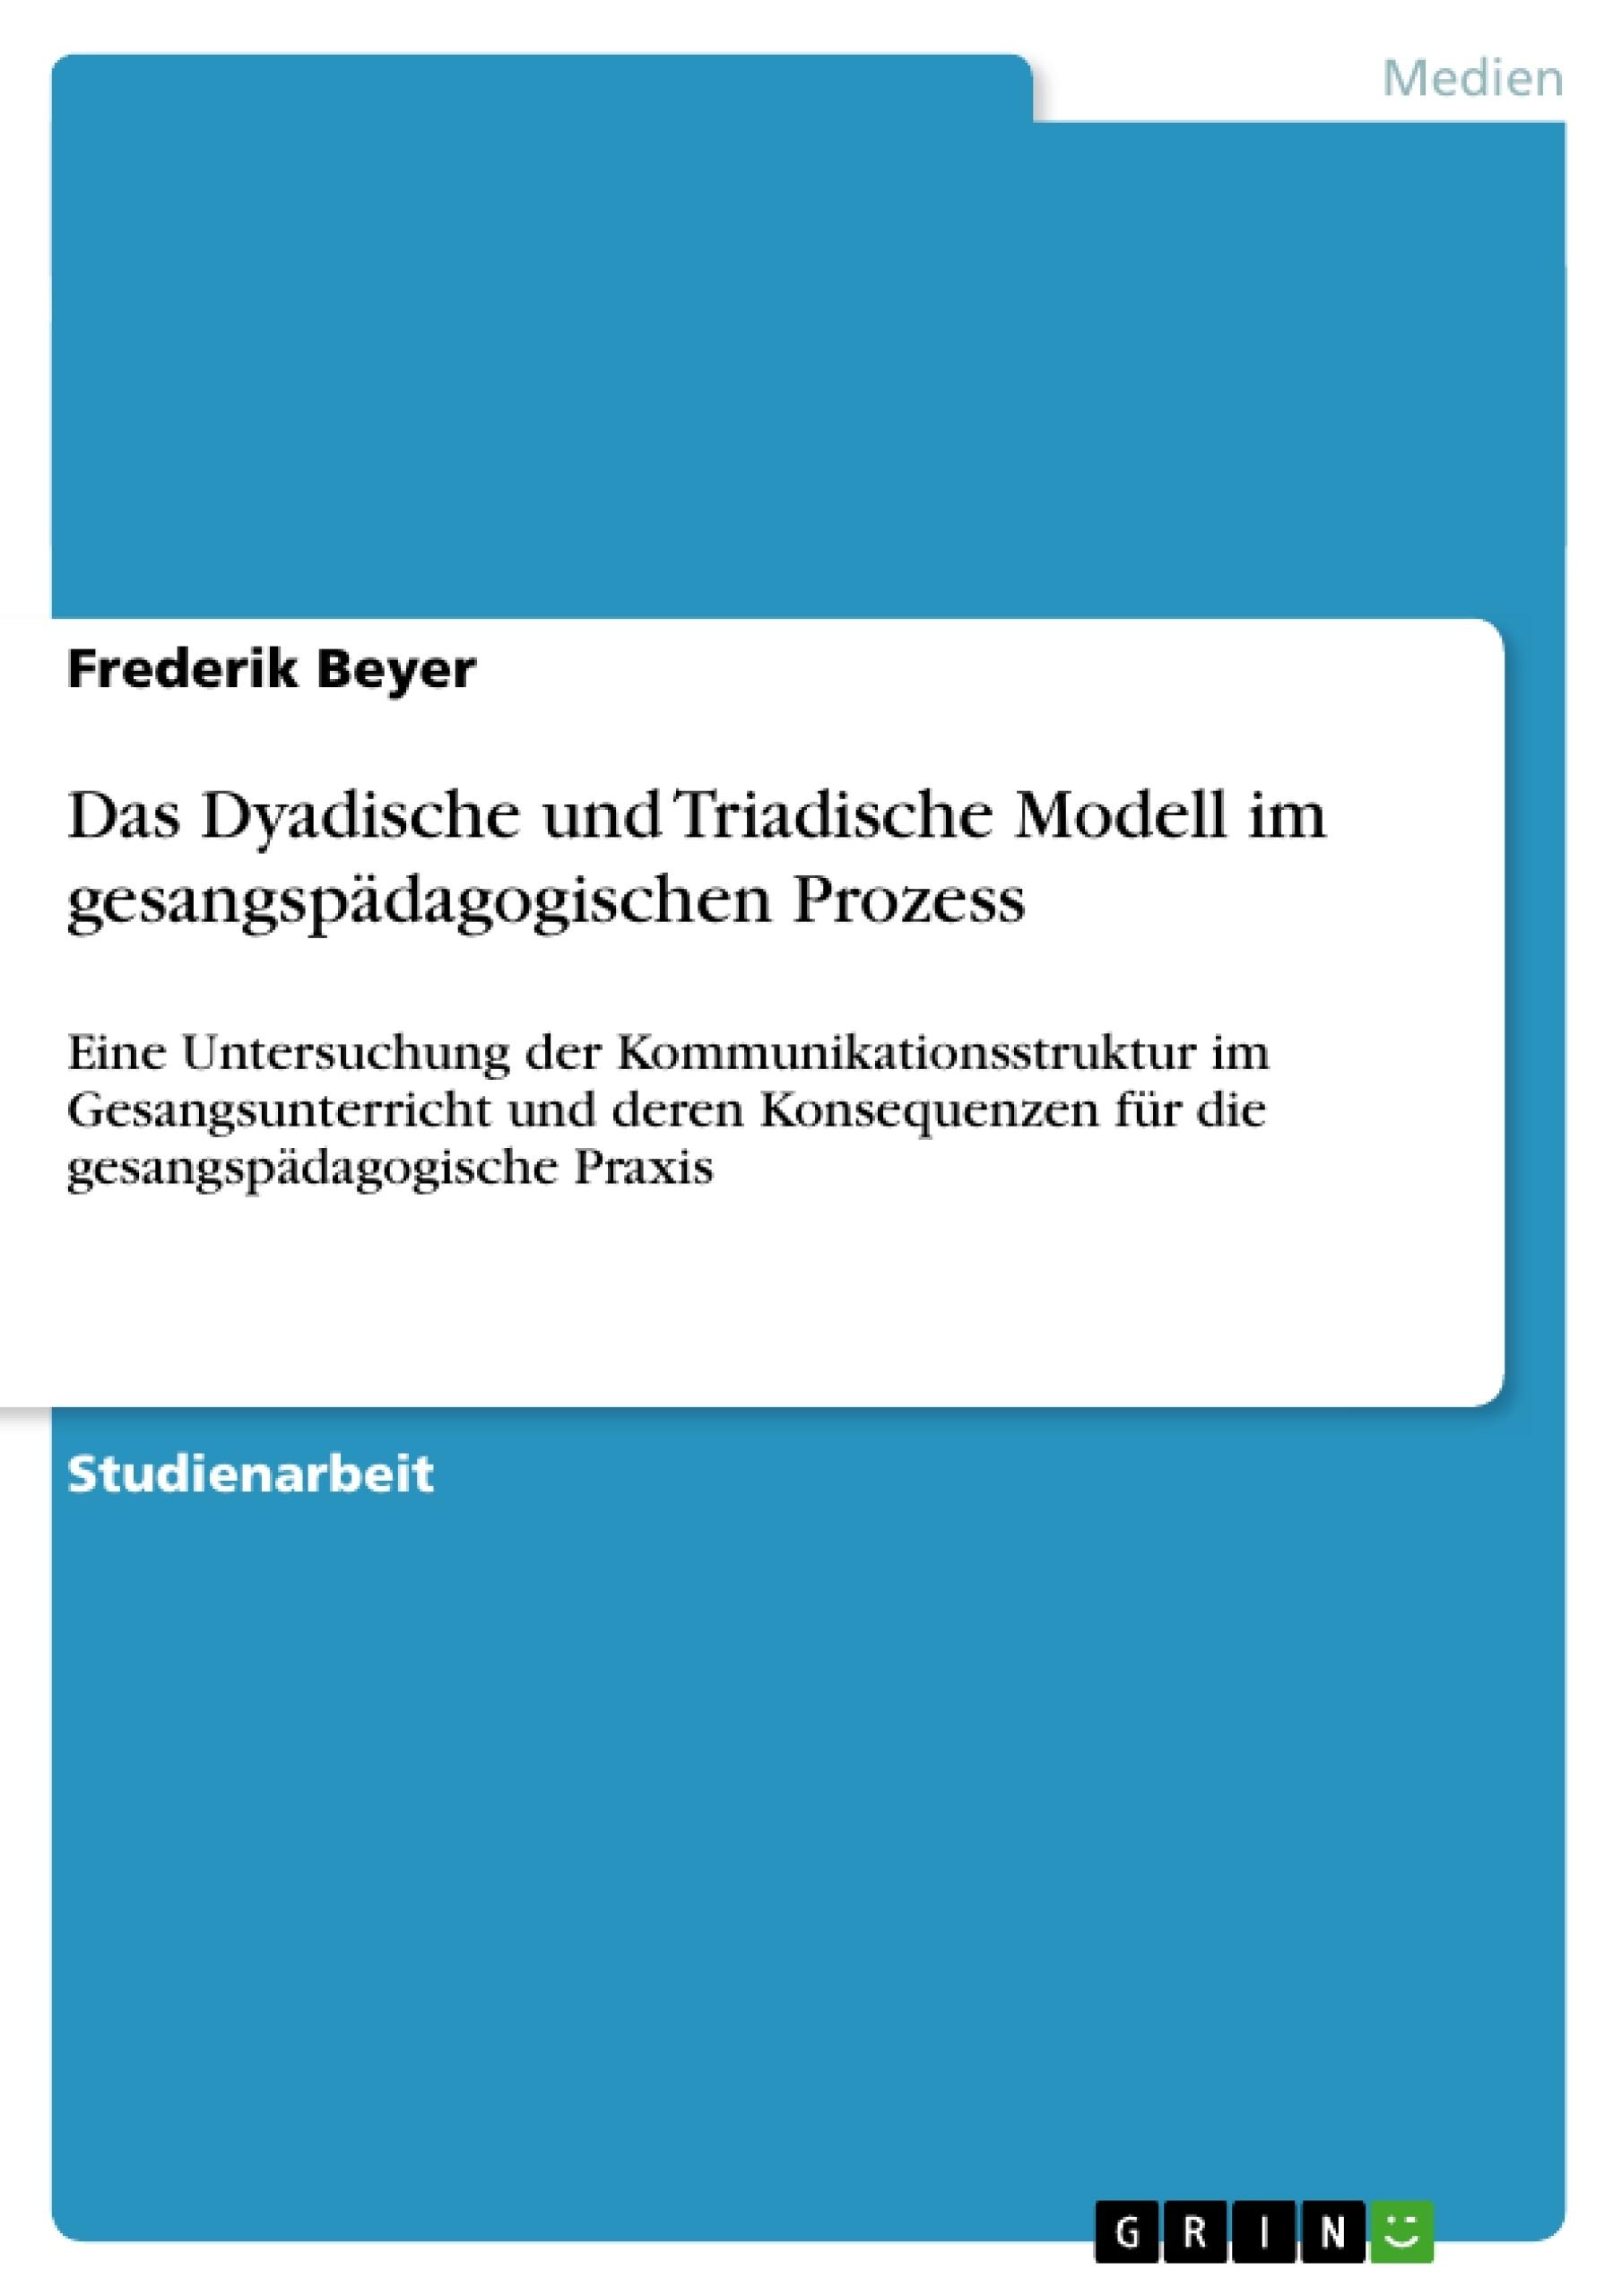 Titel: Das Dyadische und Triadische Modell im gesangspädagogischen Prozess